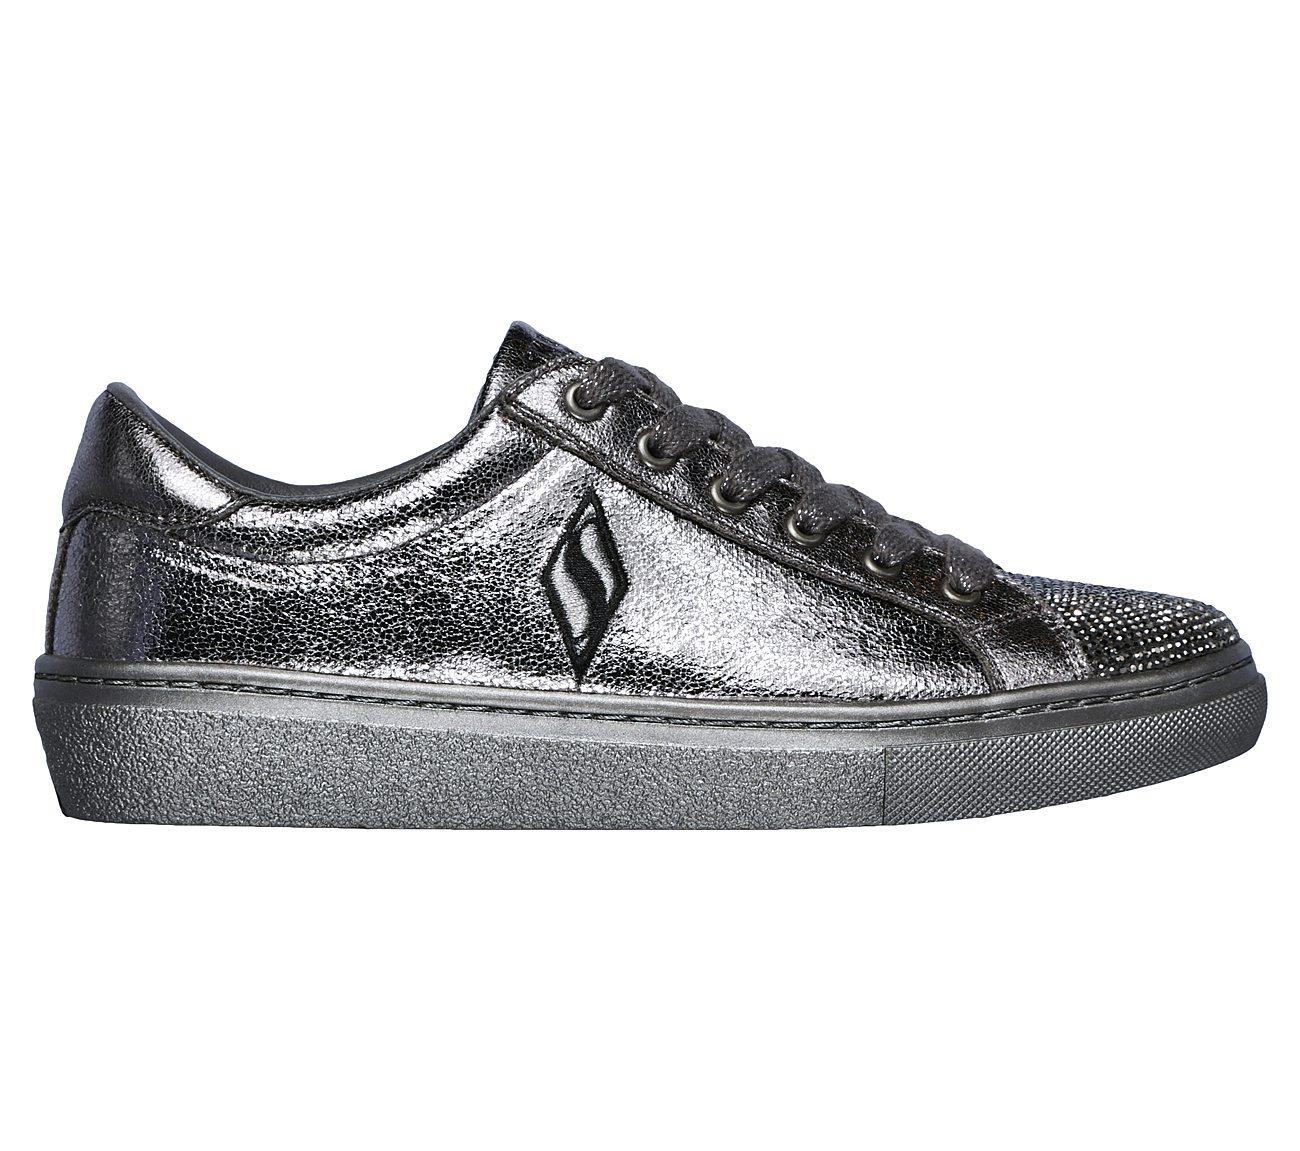 shoes like skechers